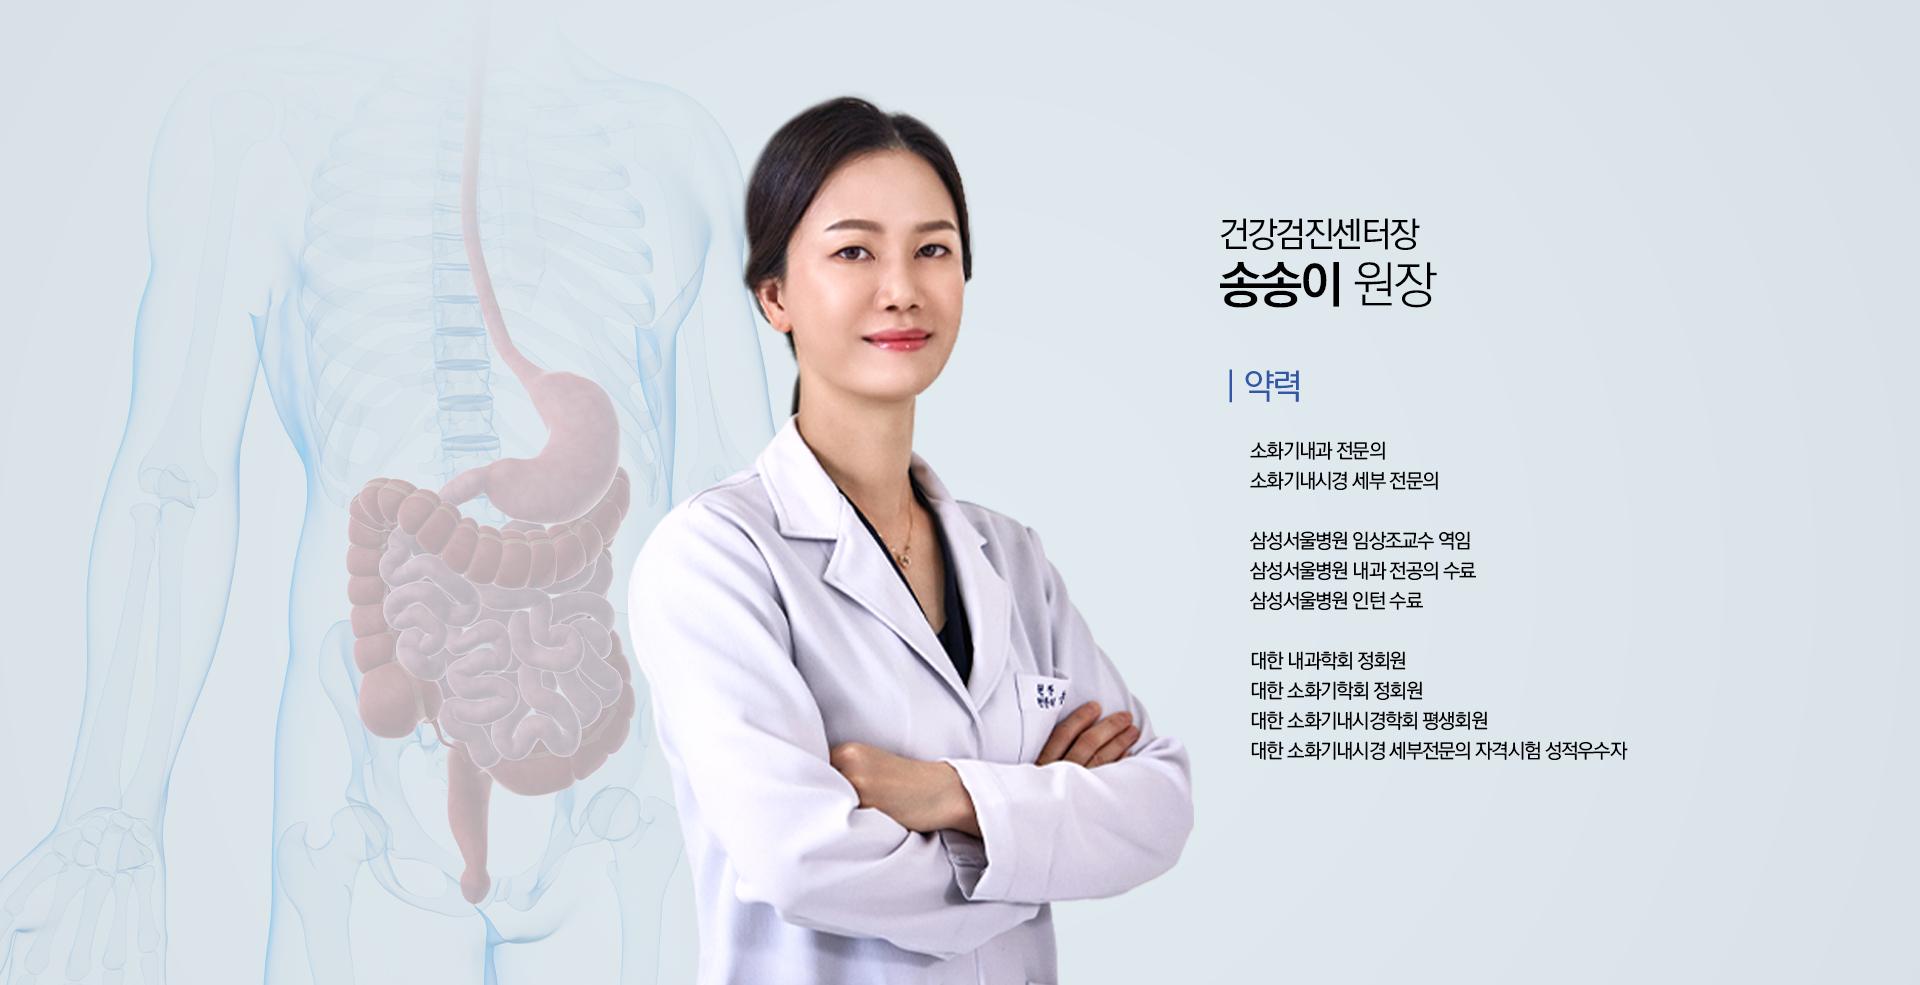 소화기내과전문의 의료진소개